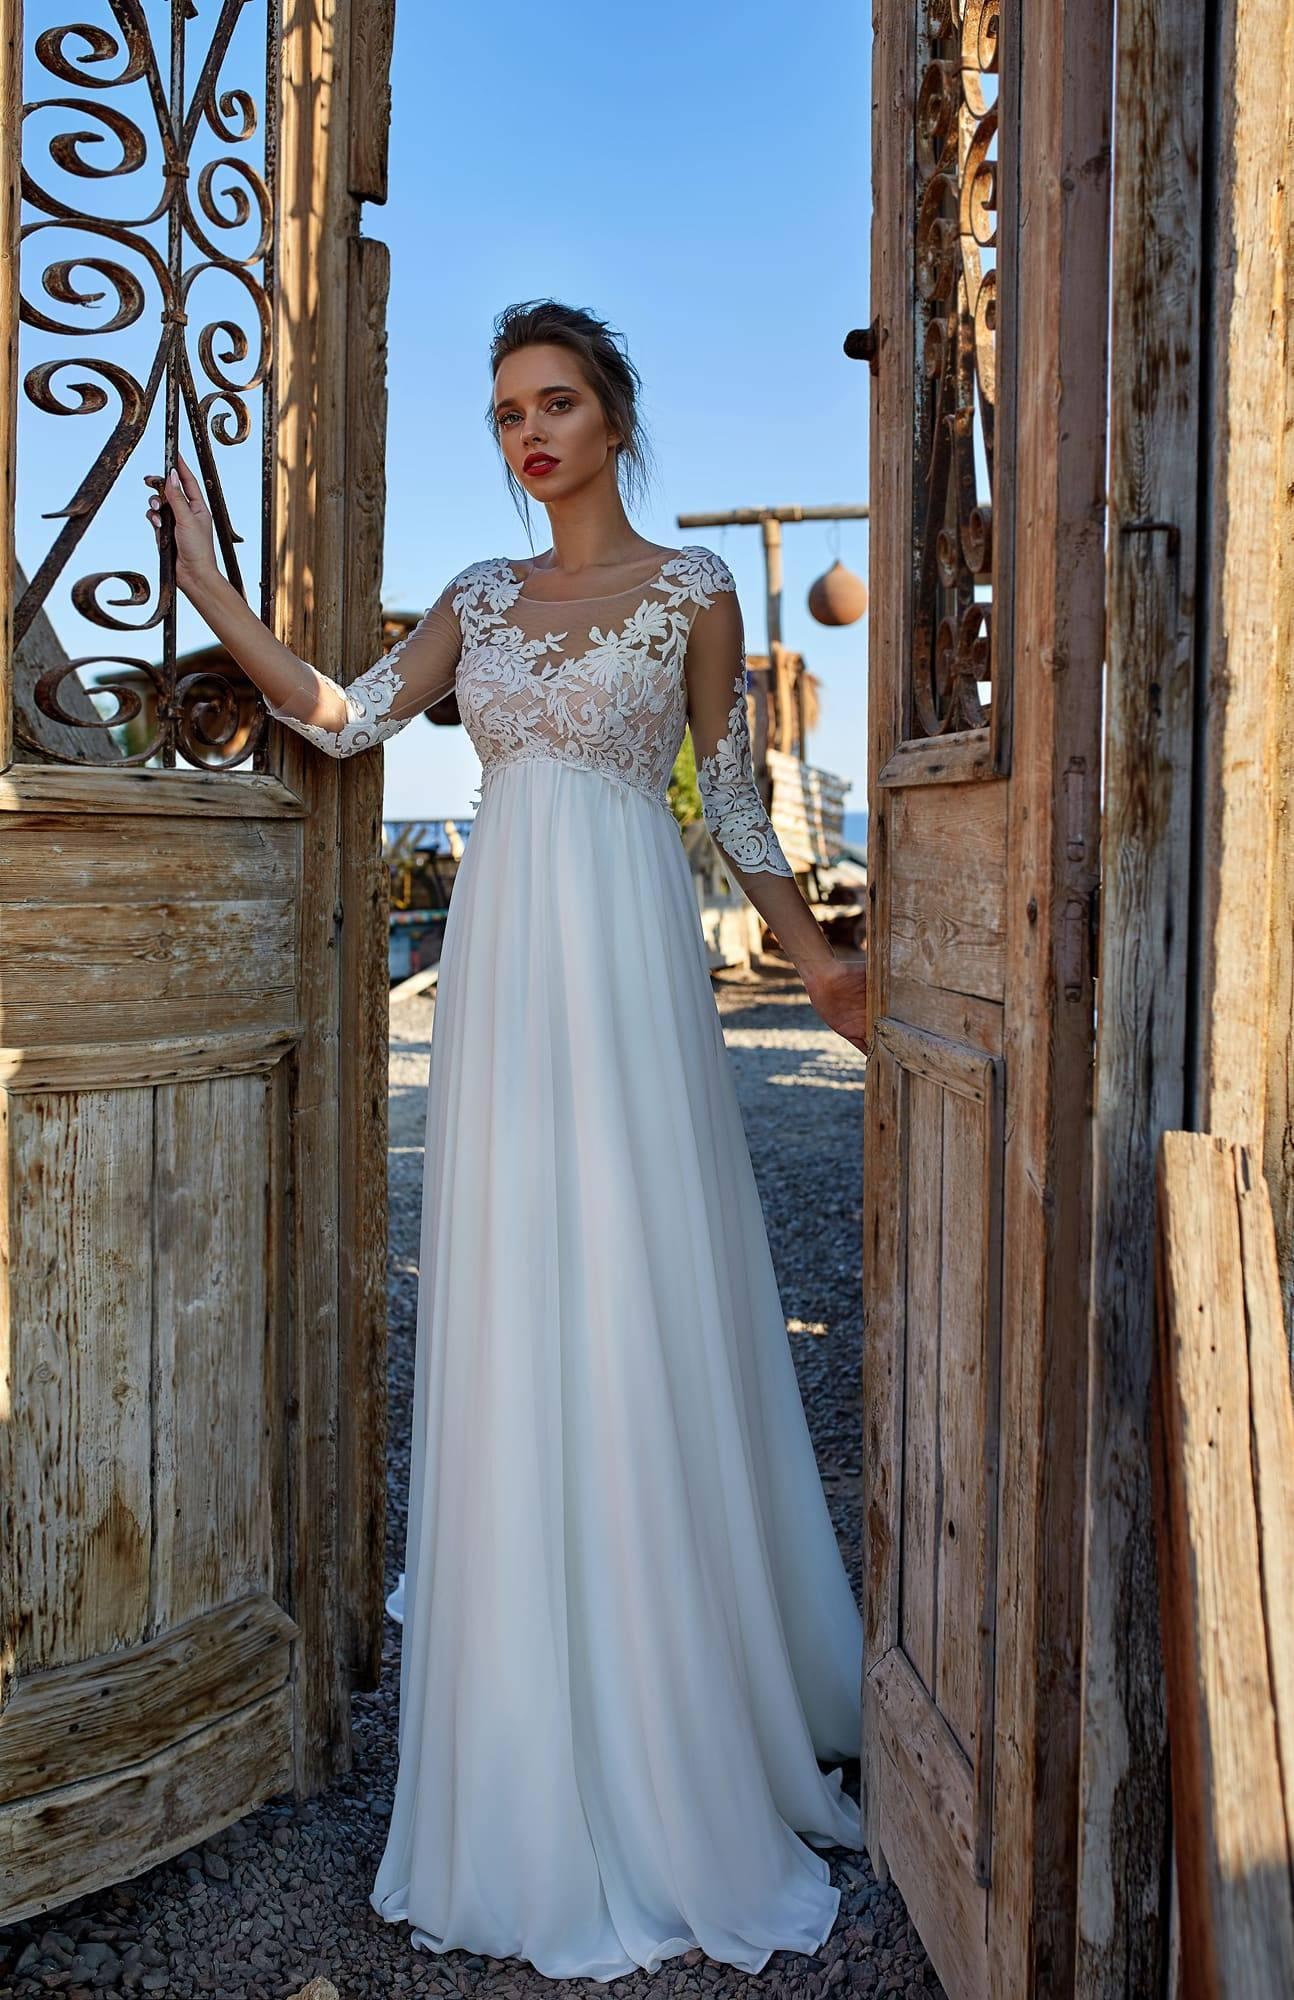 Красивые платья для полных женщин 2020-2021 – вечерние и повседневные модели платьев для полных